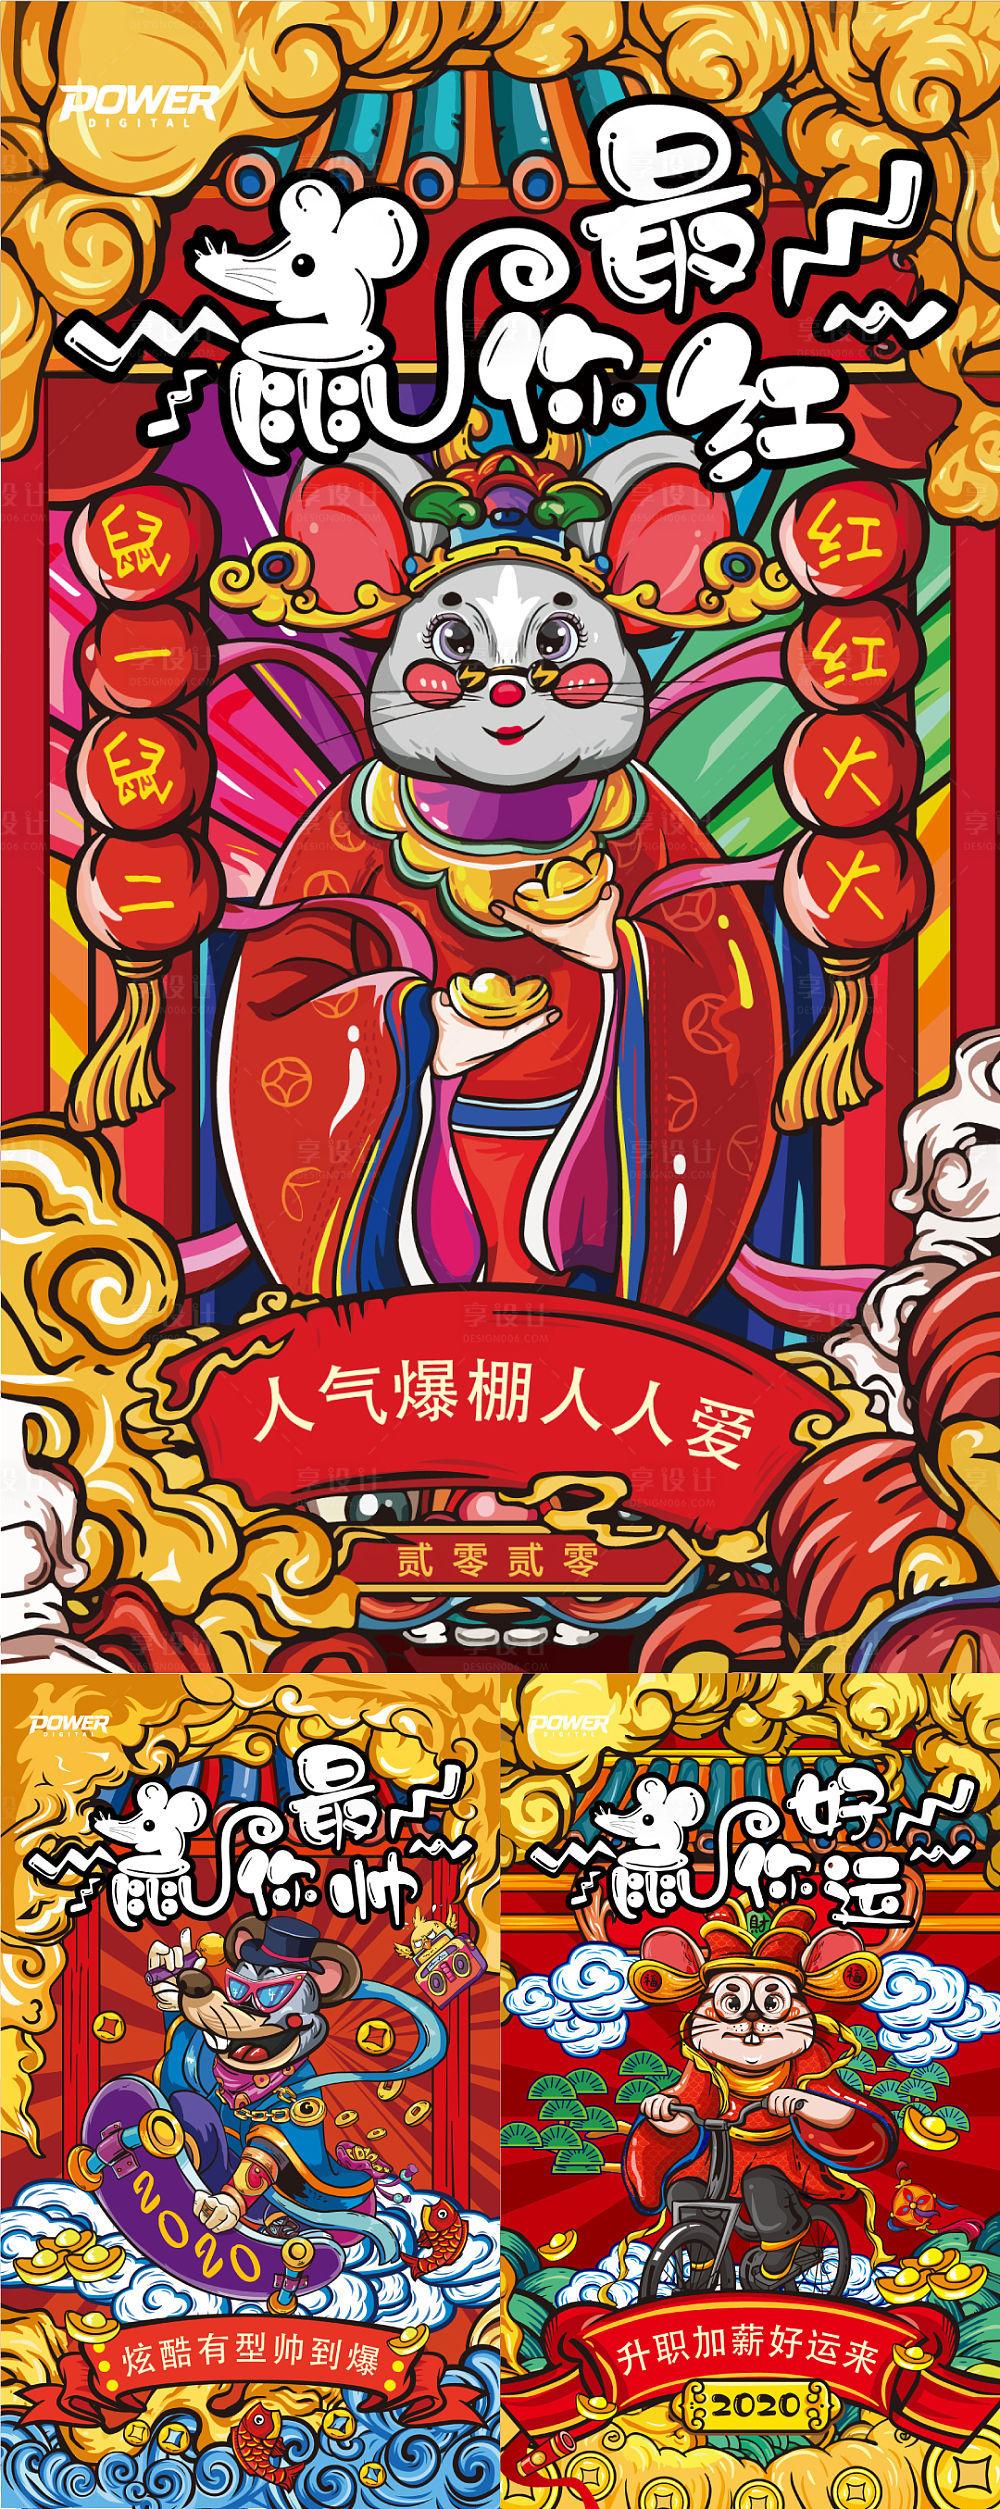 国潮插画风鼠年新年贺岁插画系列海报